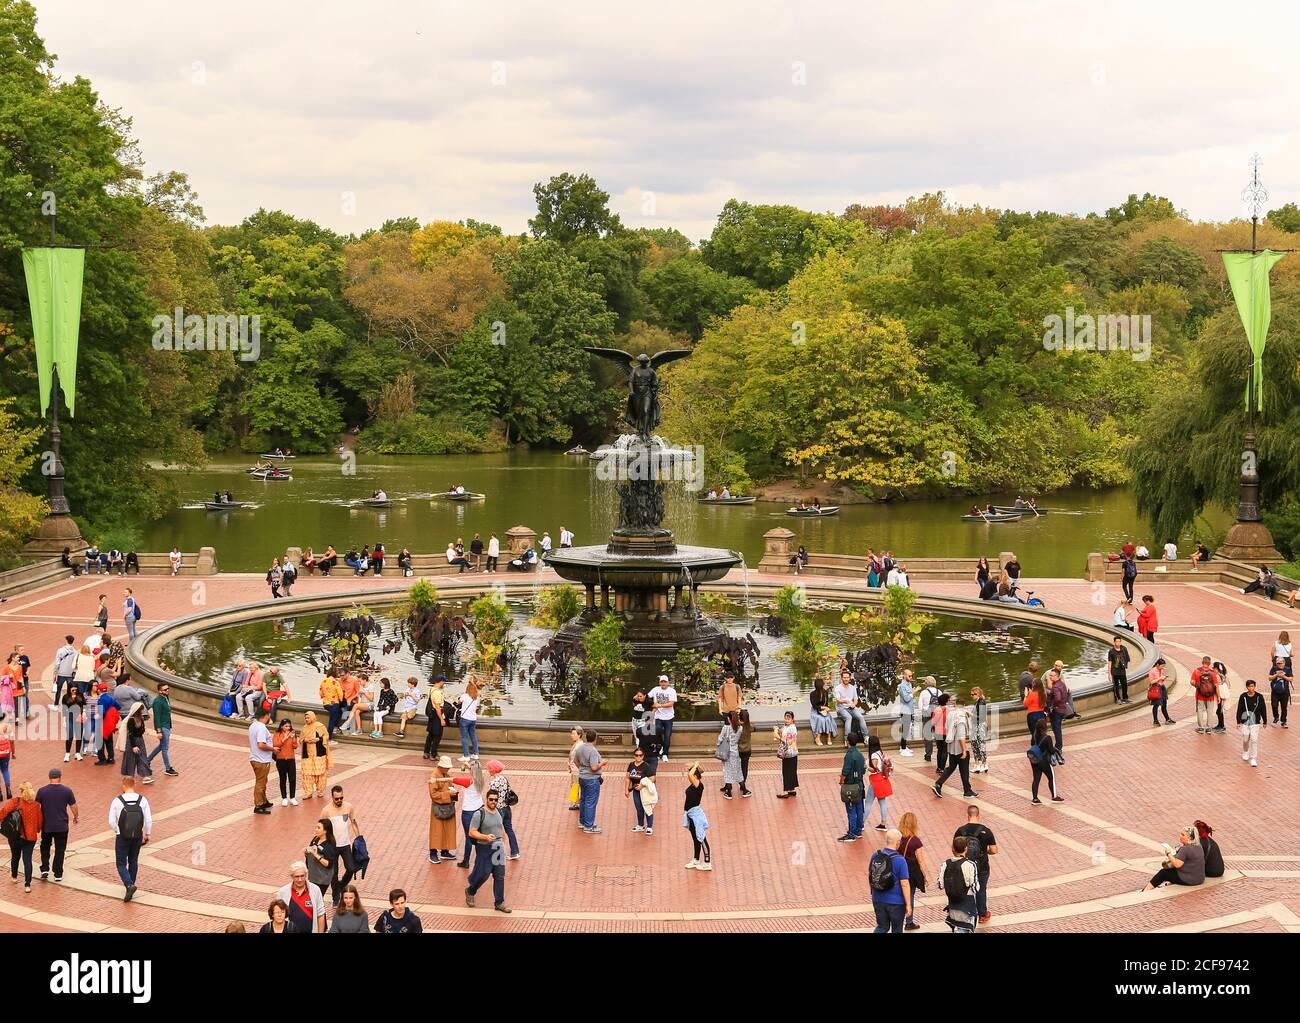 New York City, USA - 7 ottobre 2019: Molte persone sono intorno alla Fontana di Bethesda sulla terrazza nel Central Park. Foto Stock